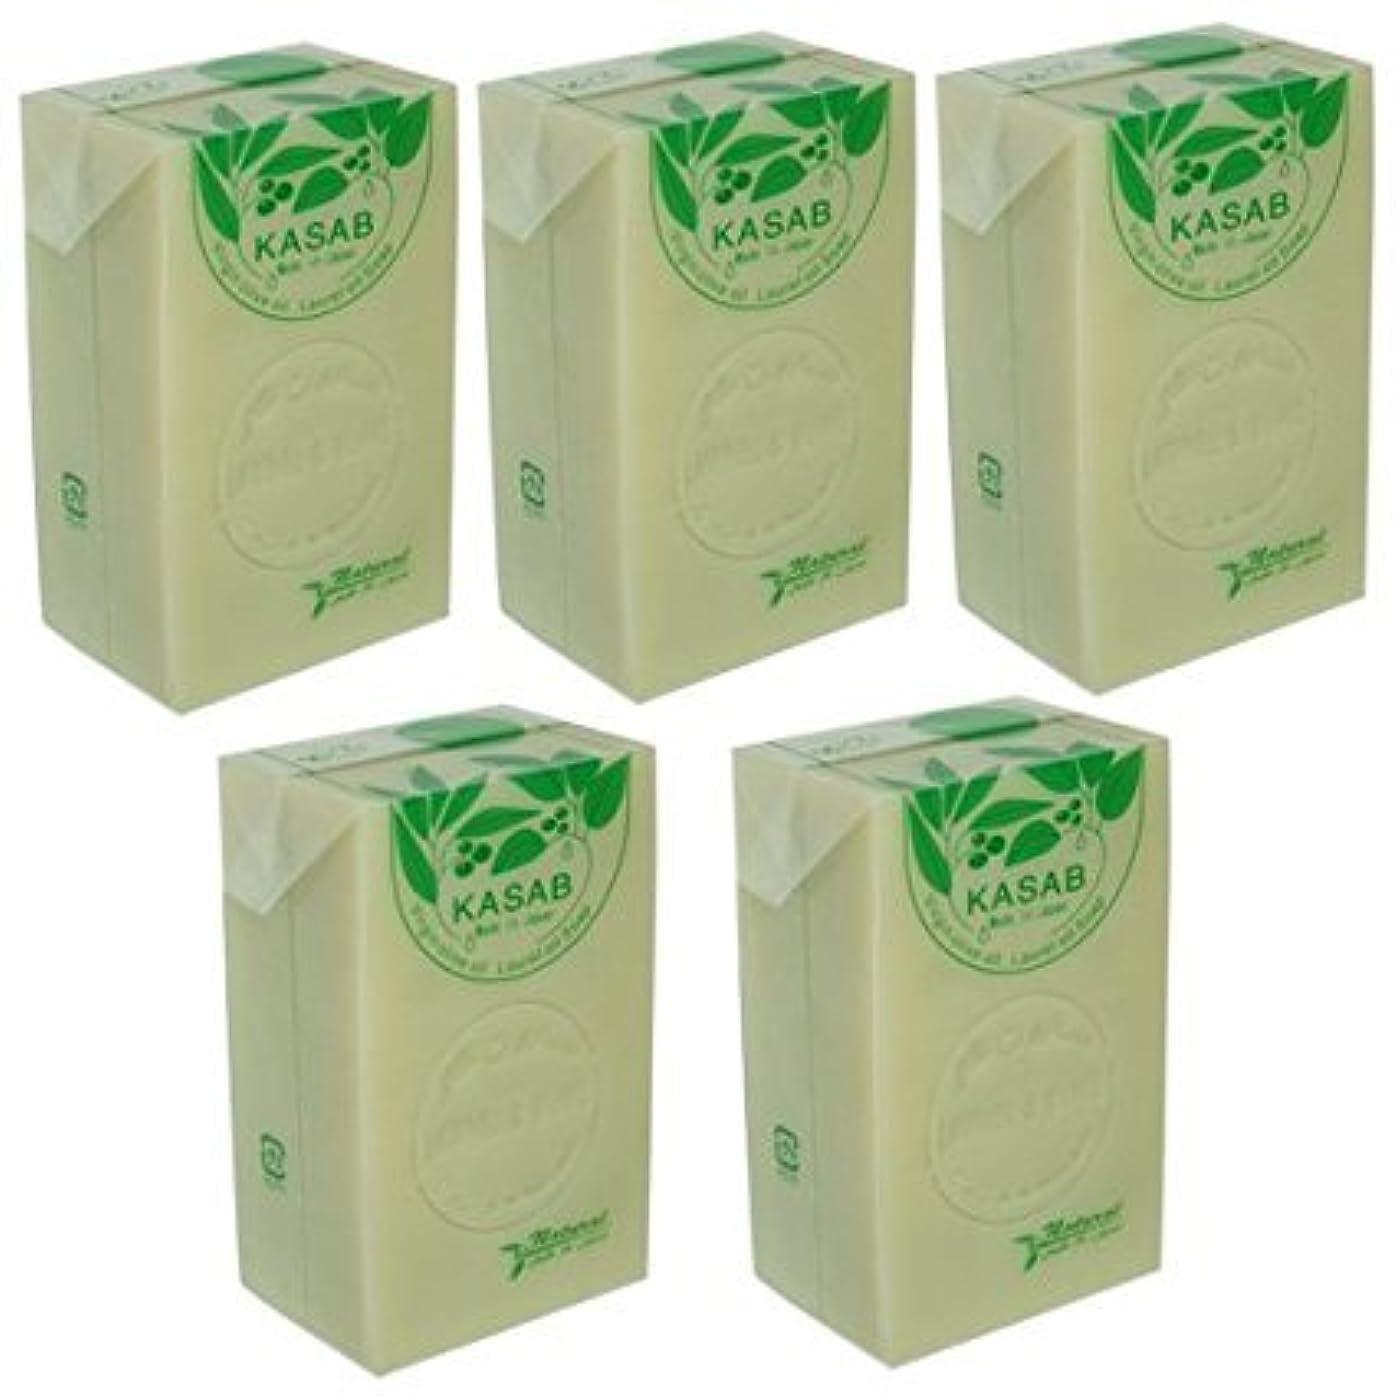 芽バーゲンカナダカサブ石鹸5個セット